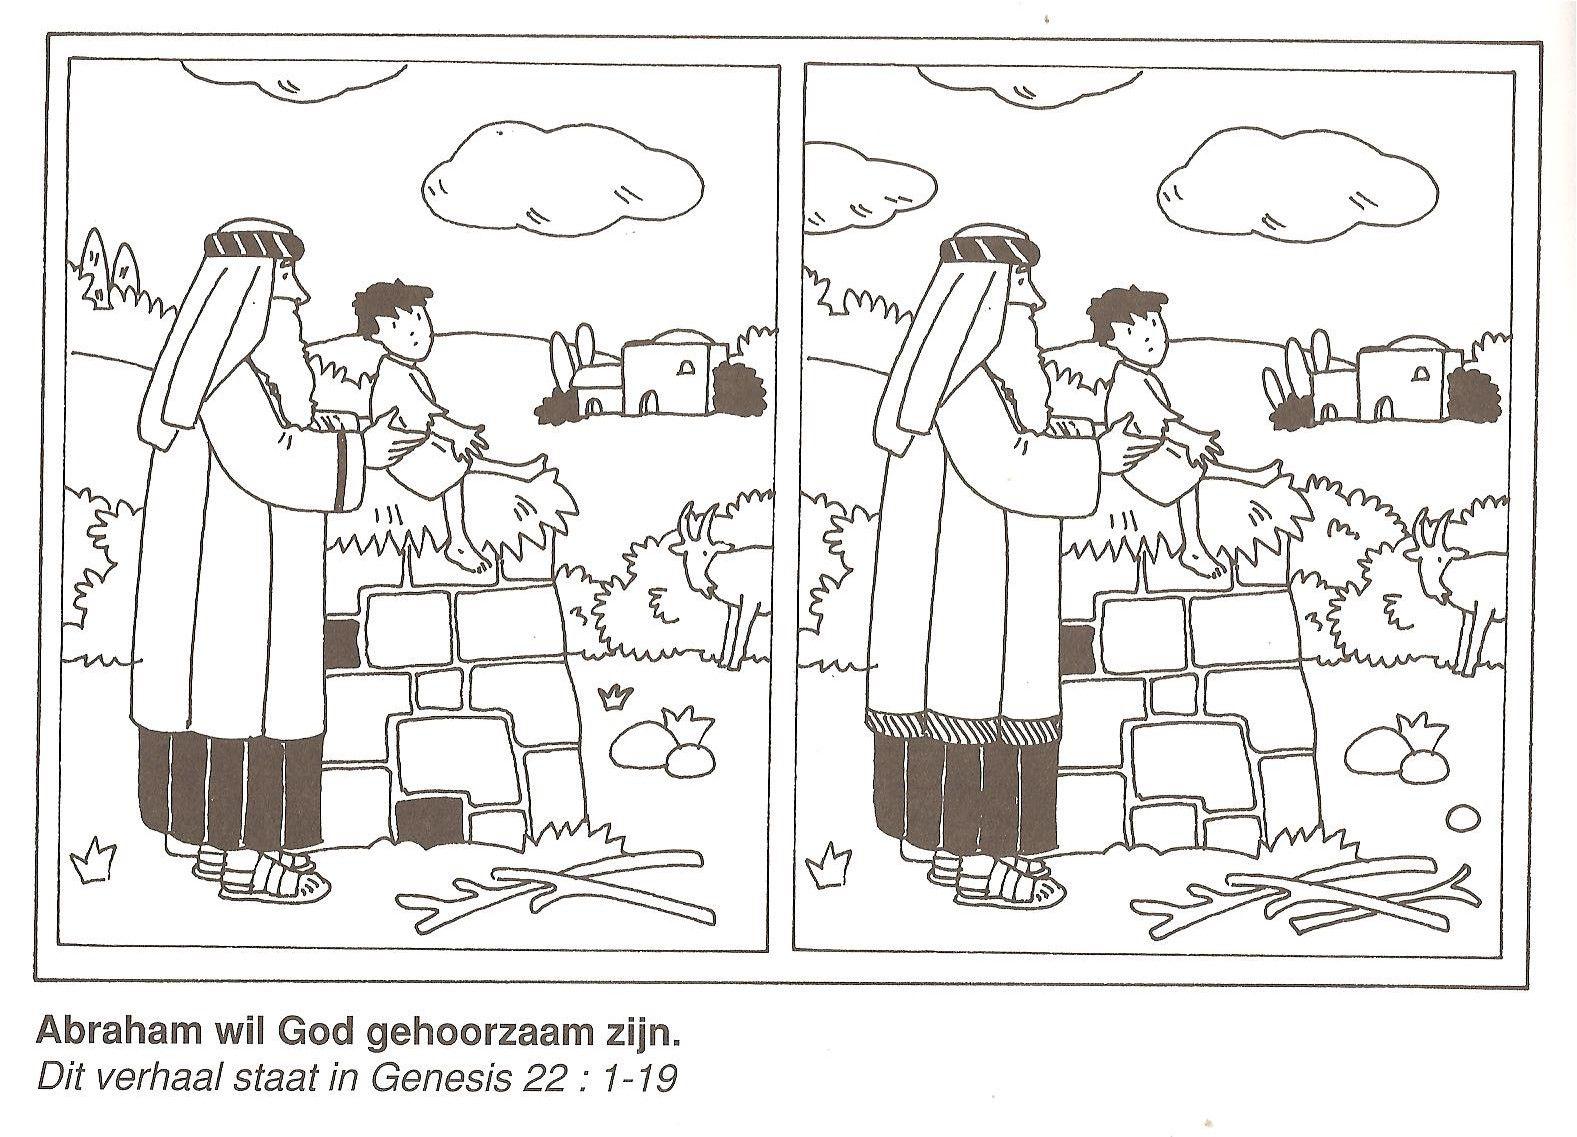 Abraham Wil God Gehoorzaam Zijn Offer Isaak Zoek De 10 Verschillen Bible Activities For Kids Vacation Bible School Craft Bible School Crafts